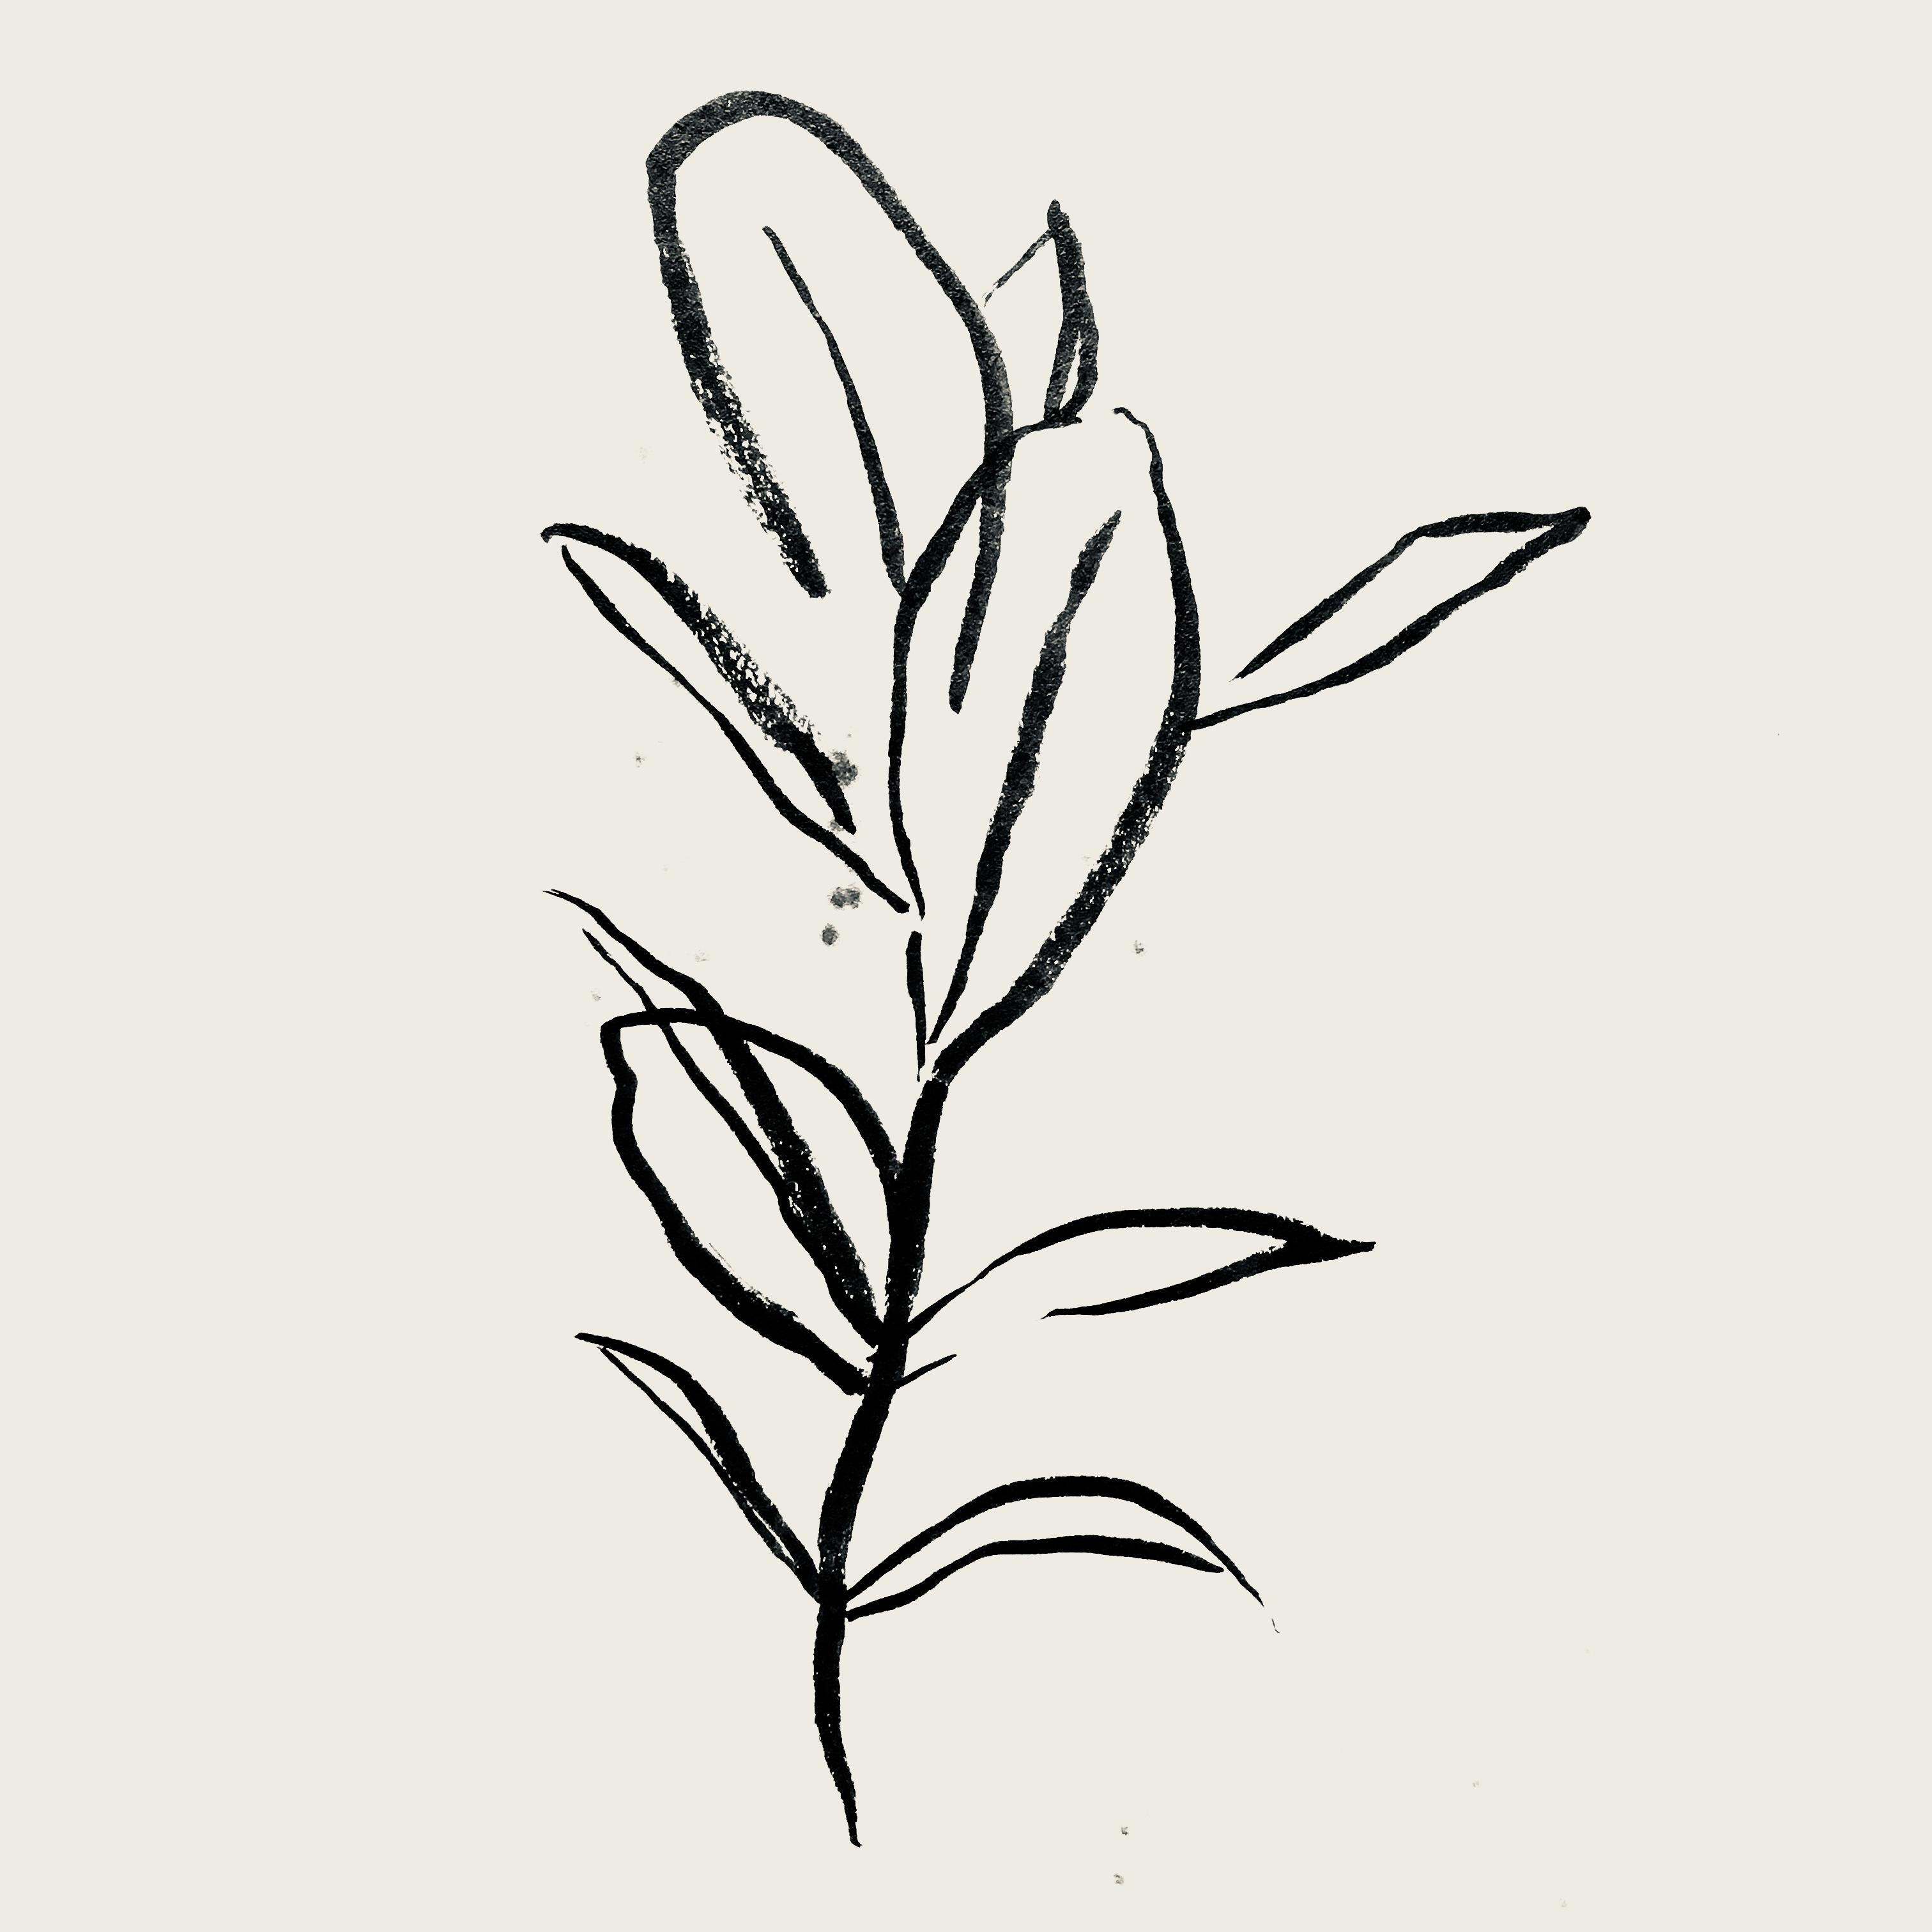 Rubber plant 'ficus elastica'